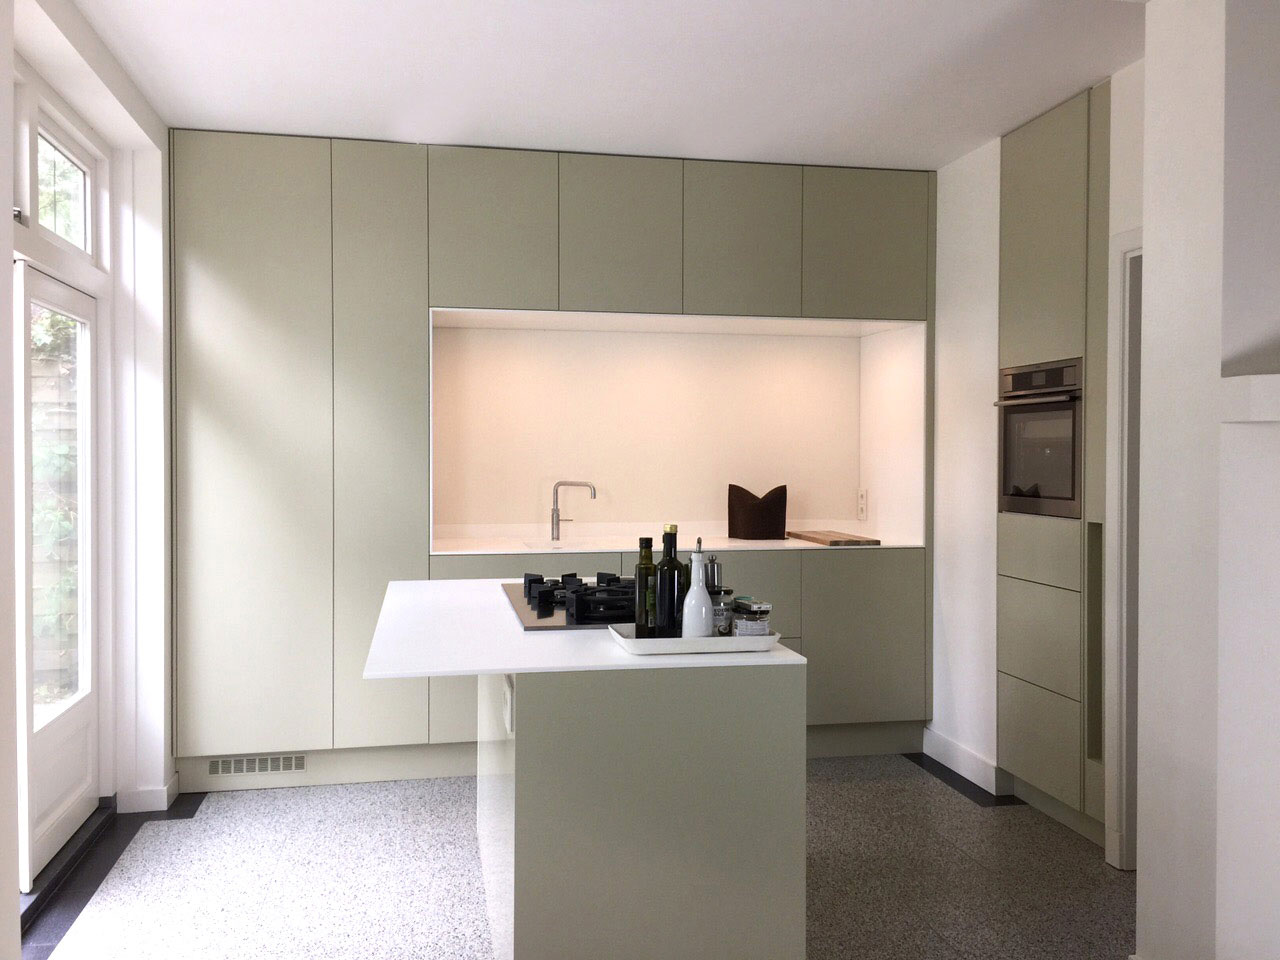 Luxe Keuken Kosten : Keukens op maat – Mijn Keukens op Maat laten maken